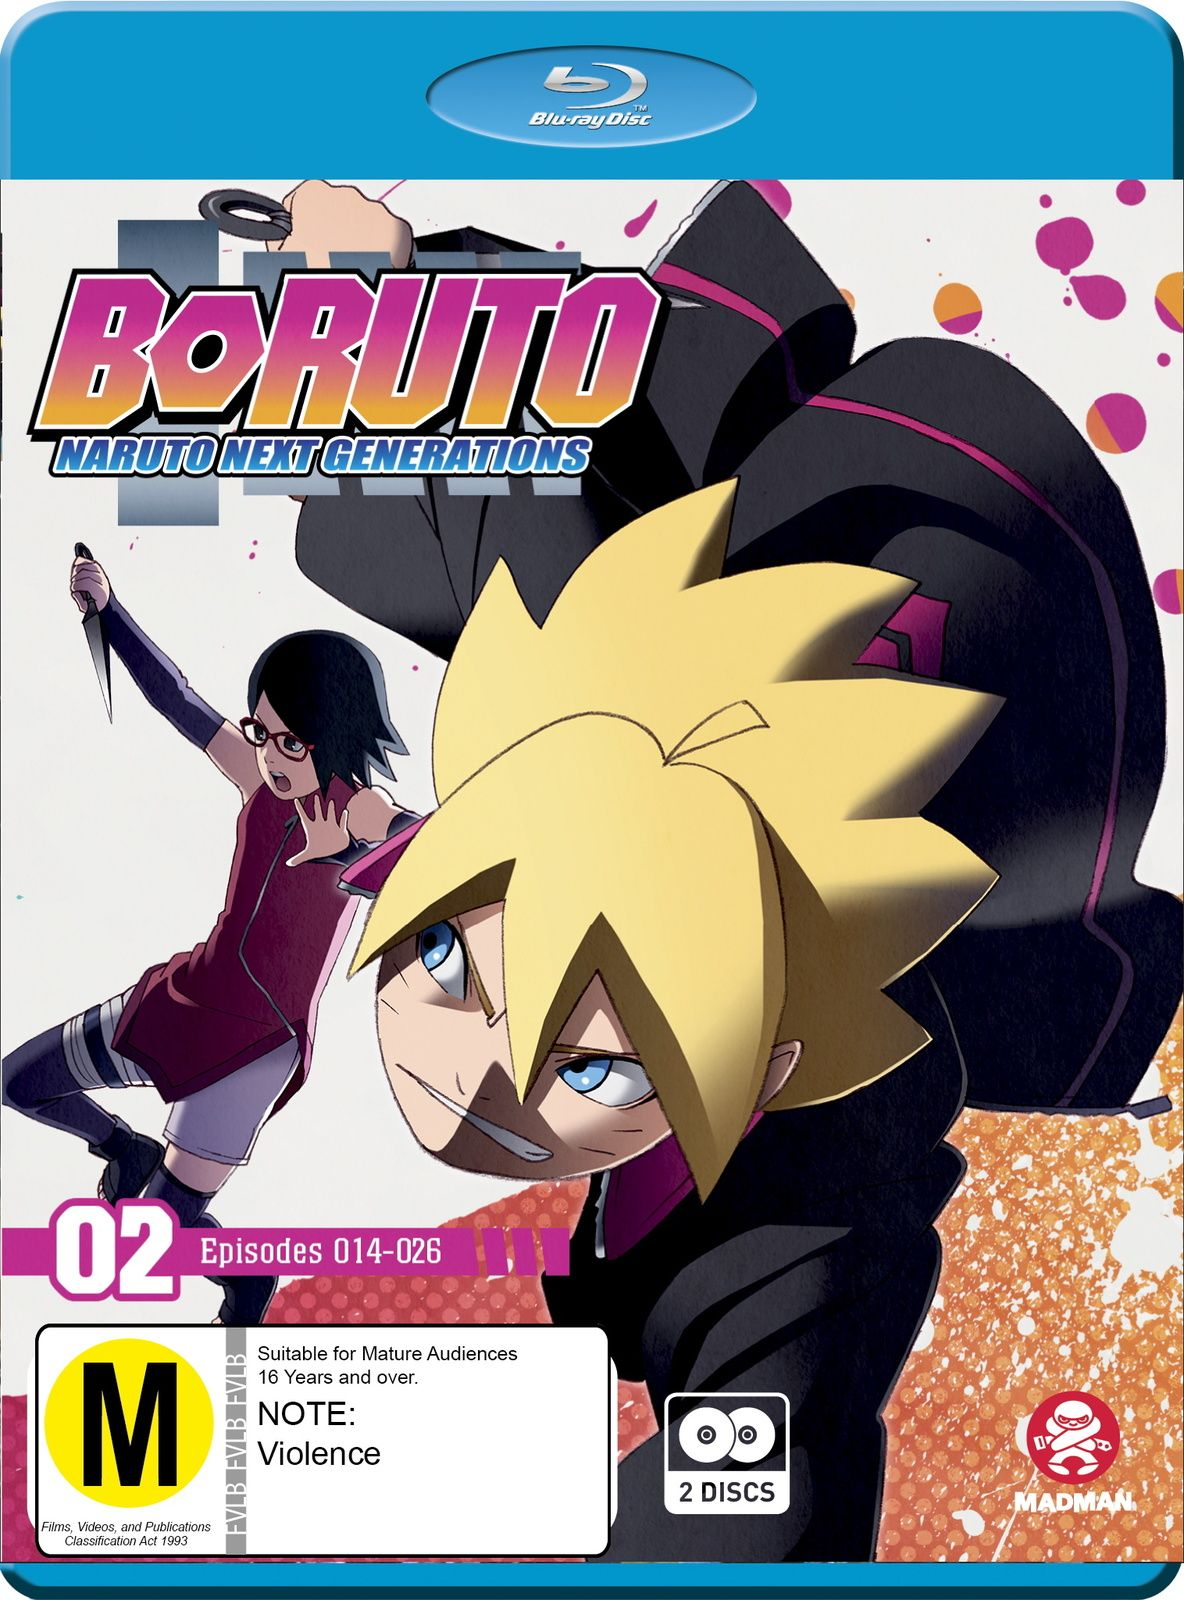 Boruto Next Generation Episode 2 : boruto, generation, episode, Boruto:, Naruto, Generations, 14-26, Blu-ray, Boruto,, Naruto,, Boruto